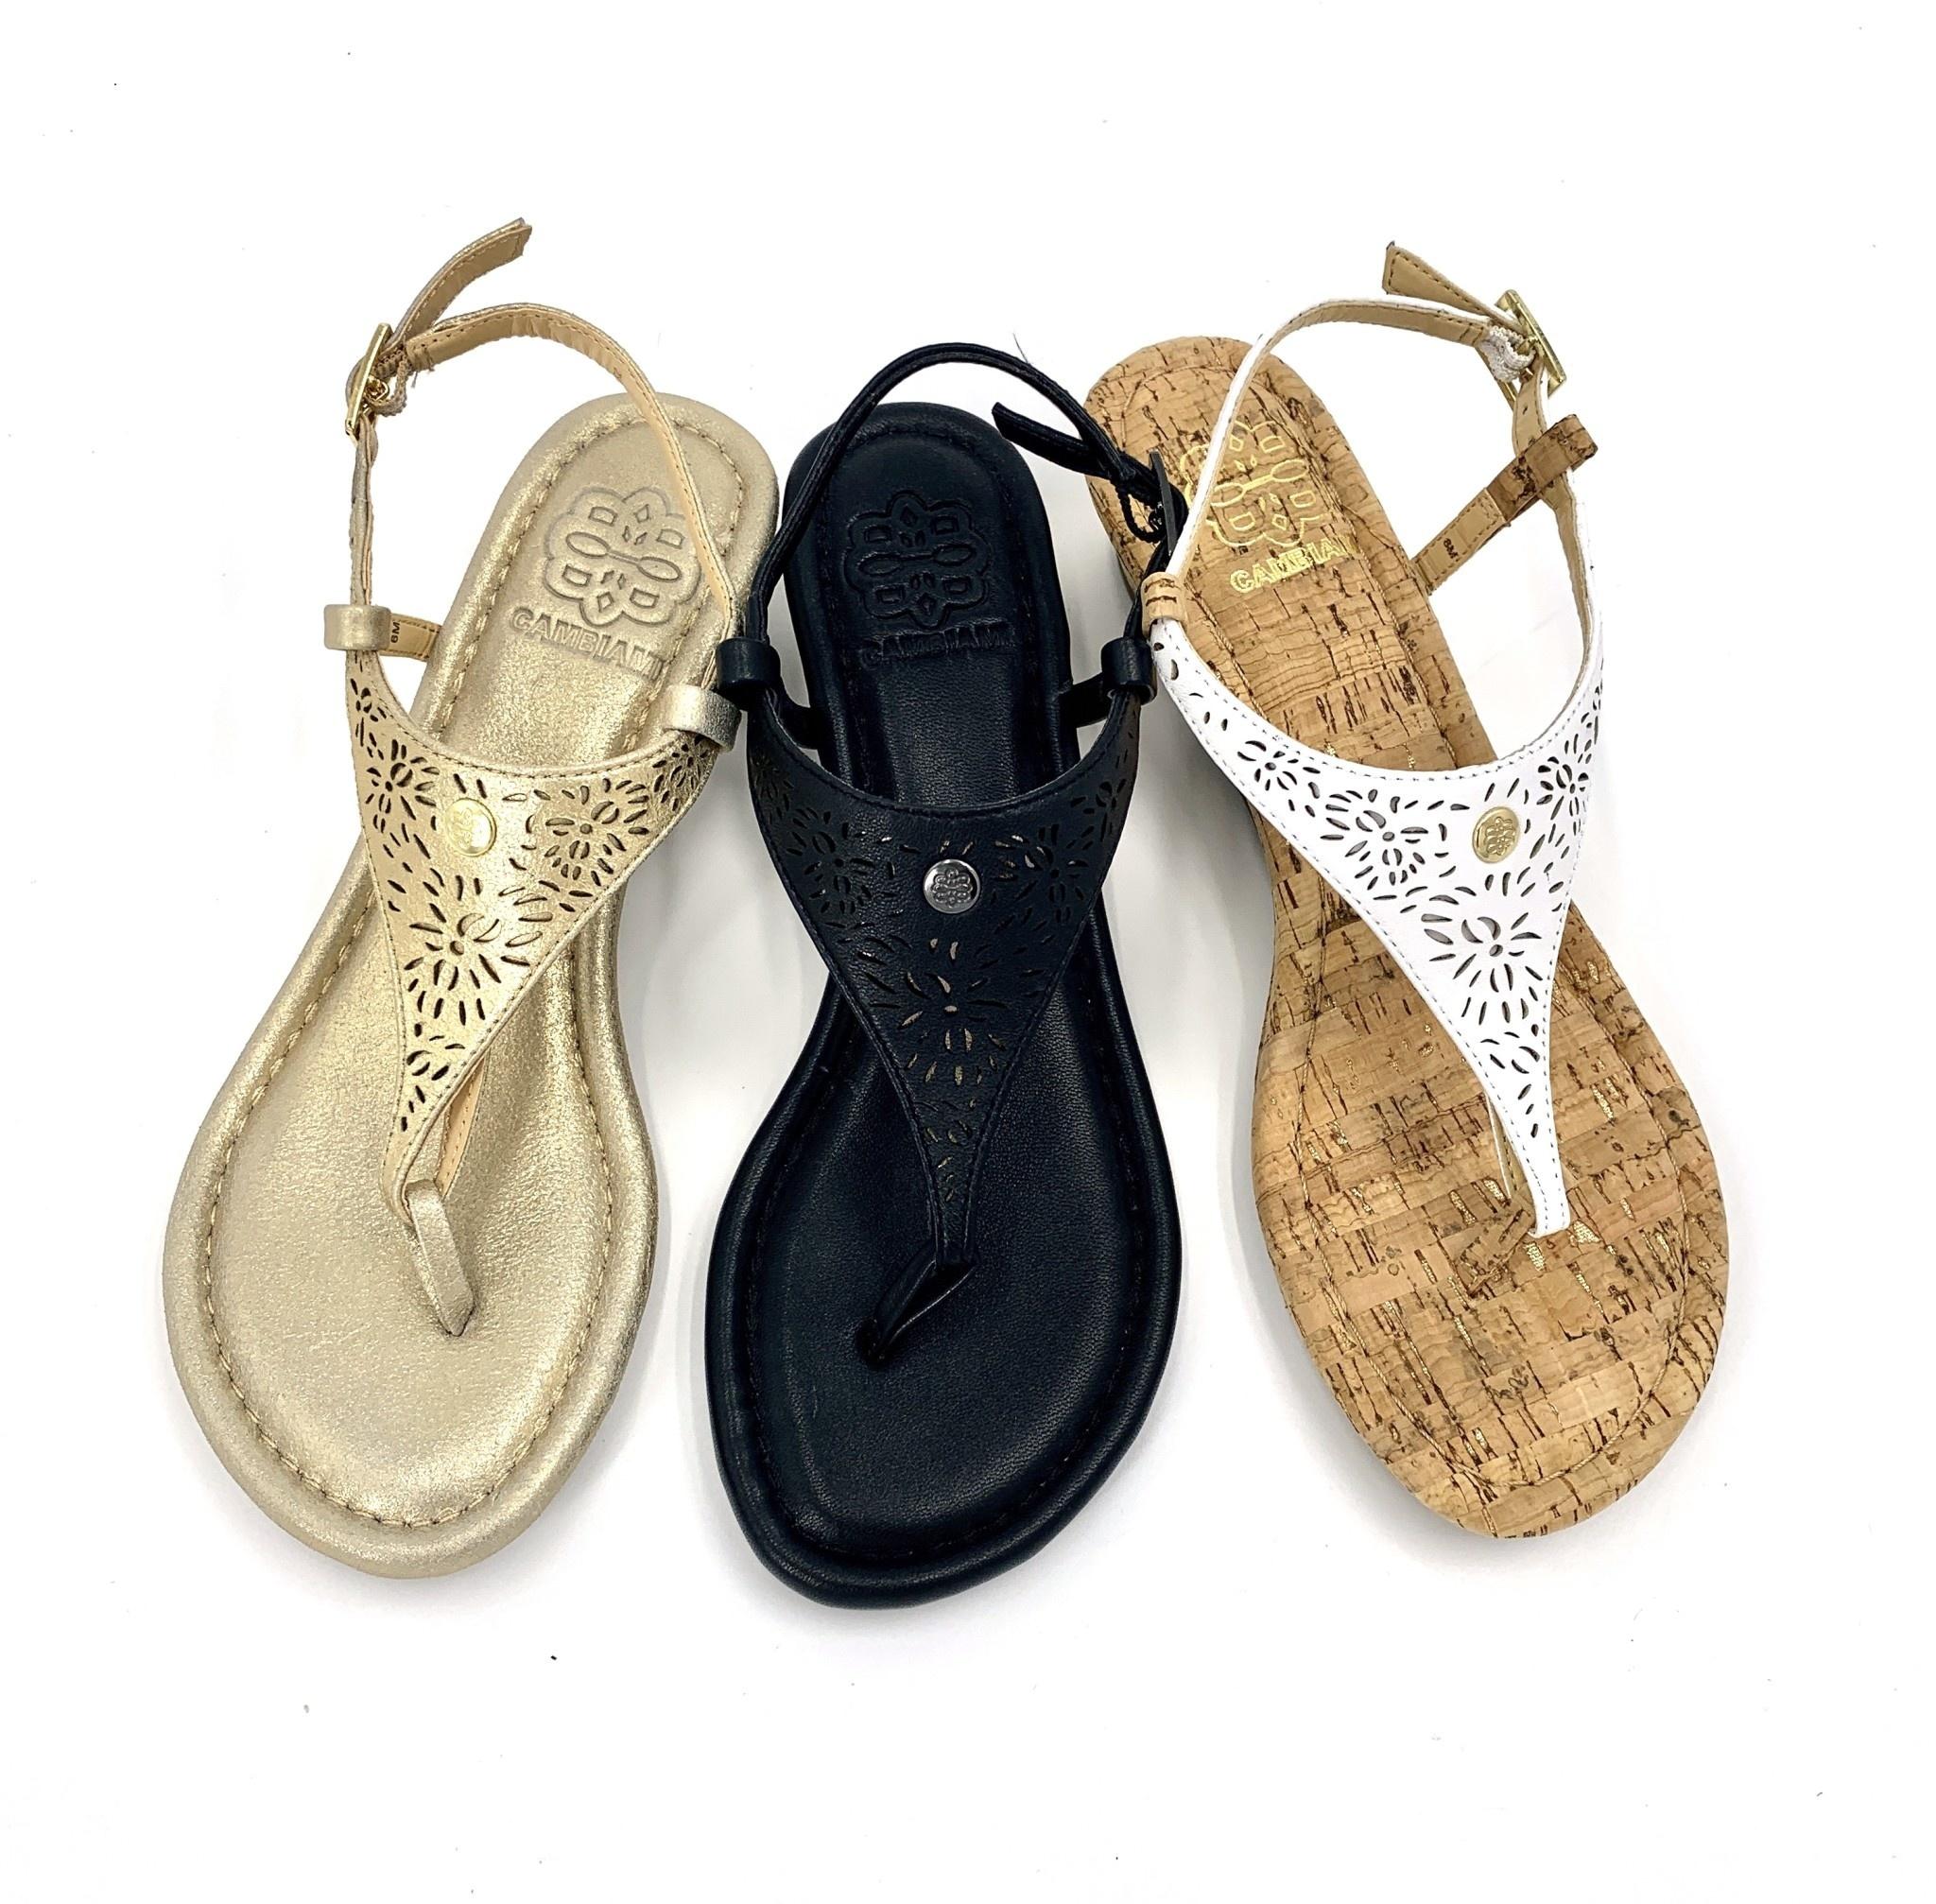 Cambiami Sandal Strap Patent